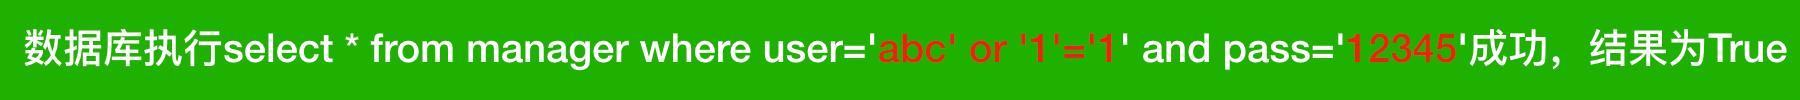 数据库执行select * from manager where user='abc' or '1'='1' and pass='12345'成功,结果为True